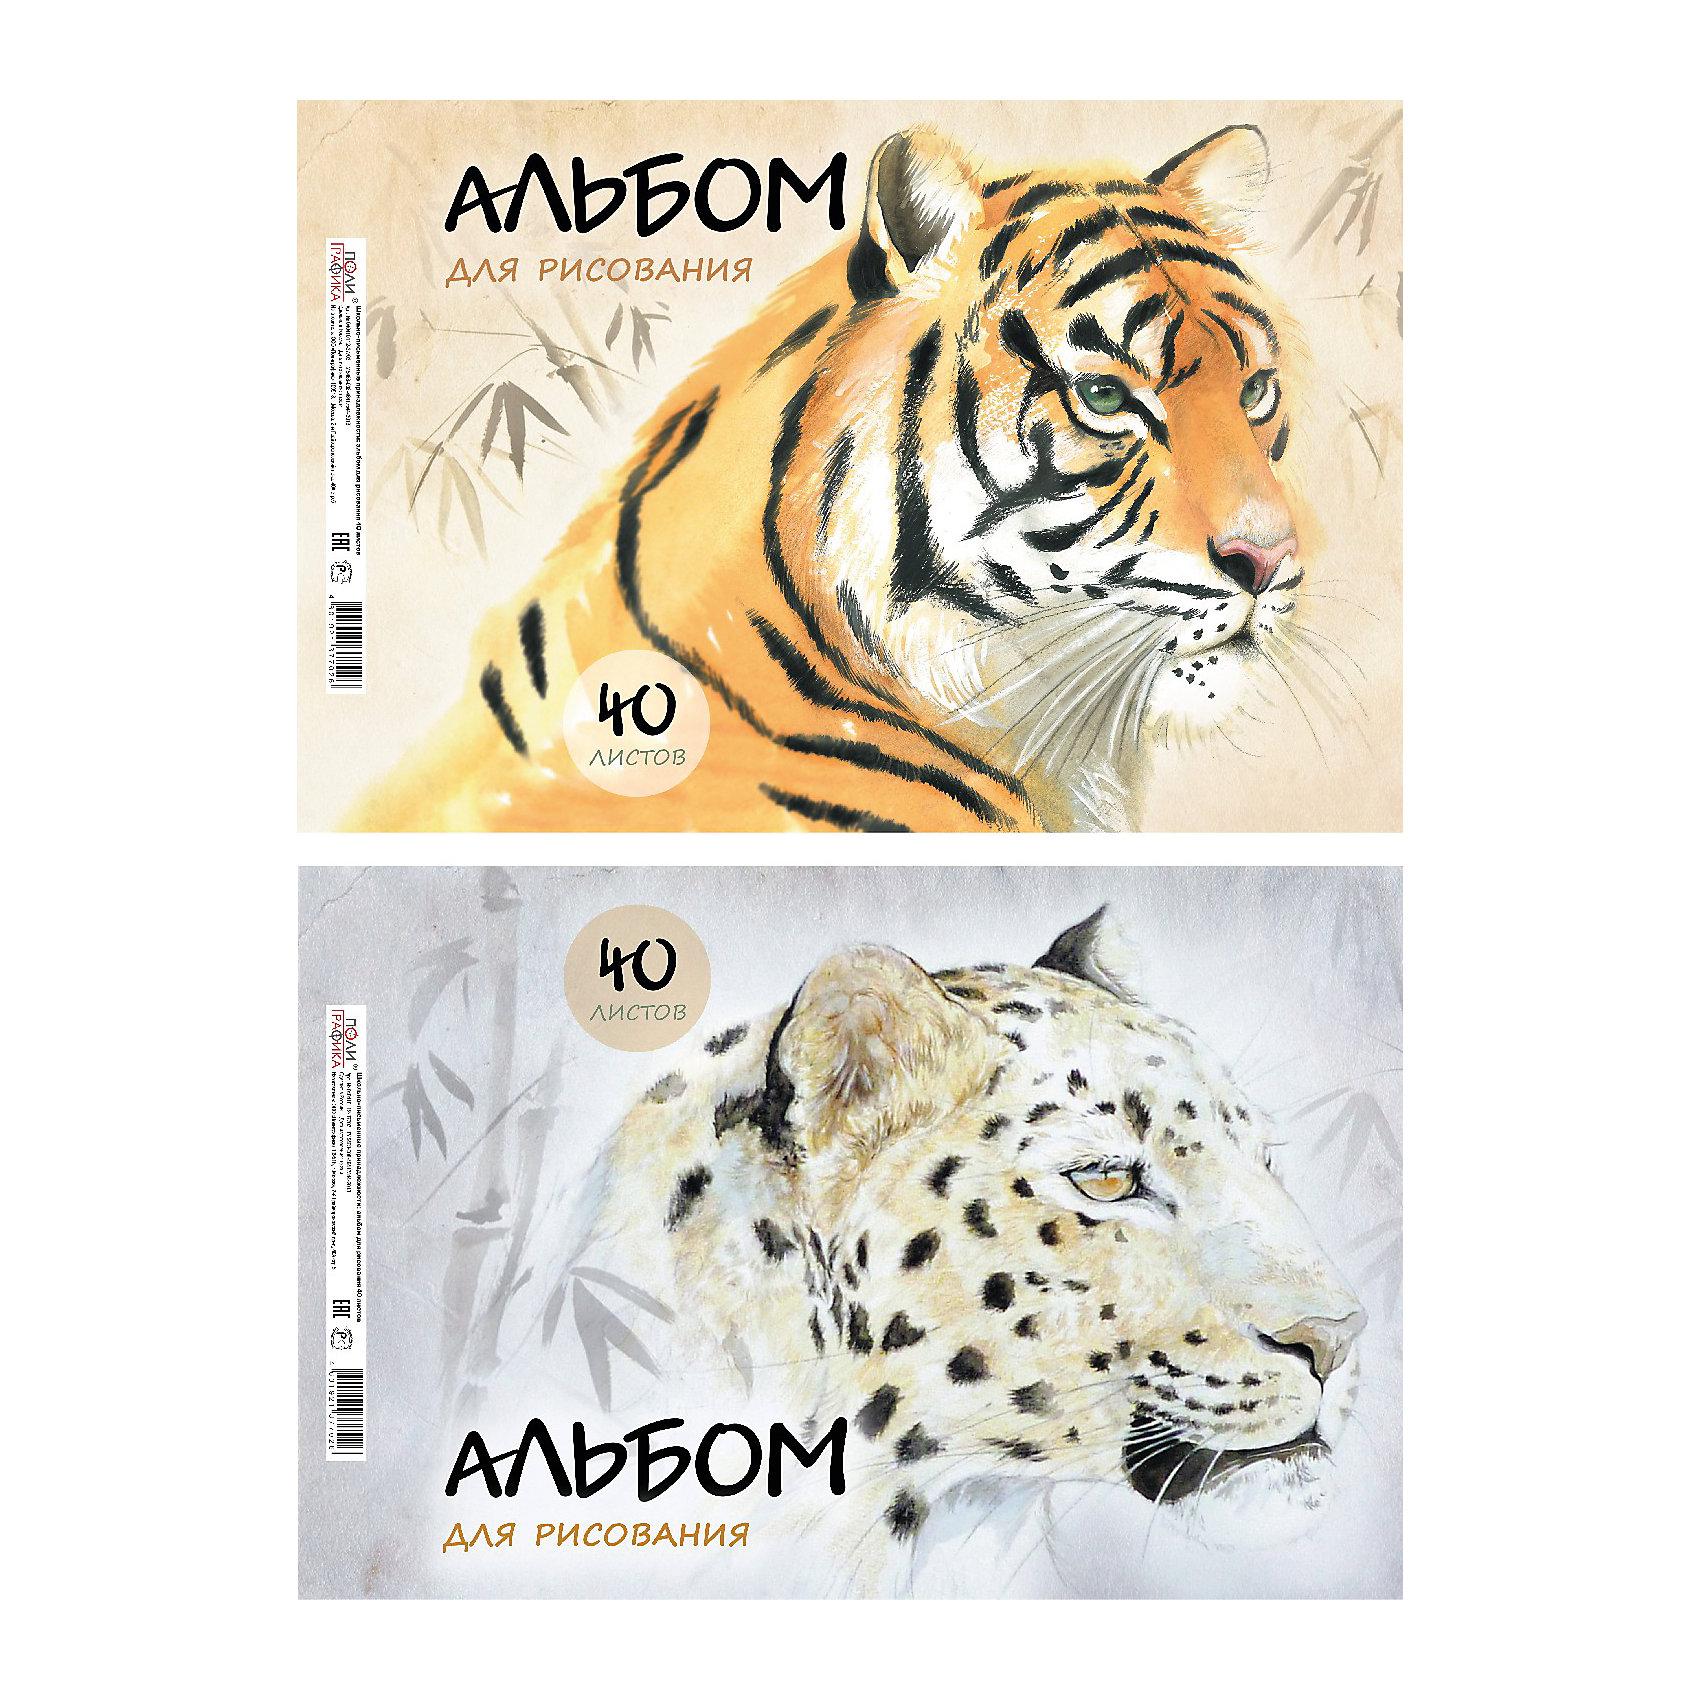 Альбом для рисования Wild Cats, А4, 40 л.<br><br>Ширина мм: 299<br>Глубина мм: 210<br>Высота мм: 7<br>Вес г: 350<br>Возраст от месяцев: 36<br>Возраст до месяцев: 2147483647<br>Пол: Унисекс<br>Возраст: Детский<br>SKU: 4833192